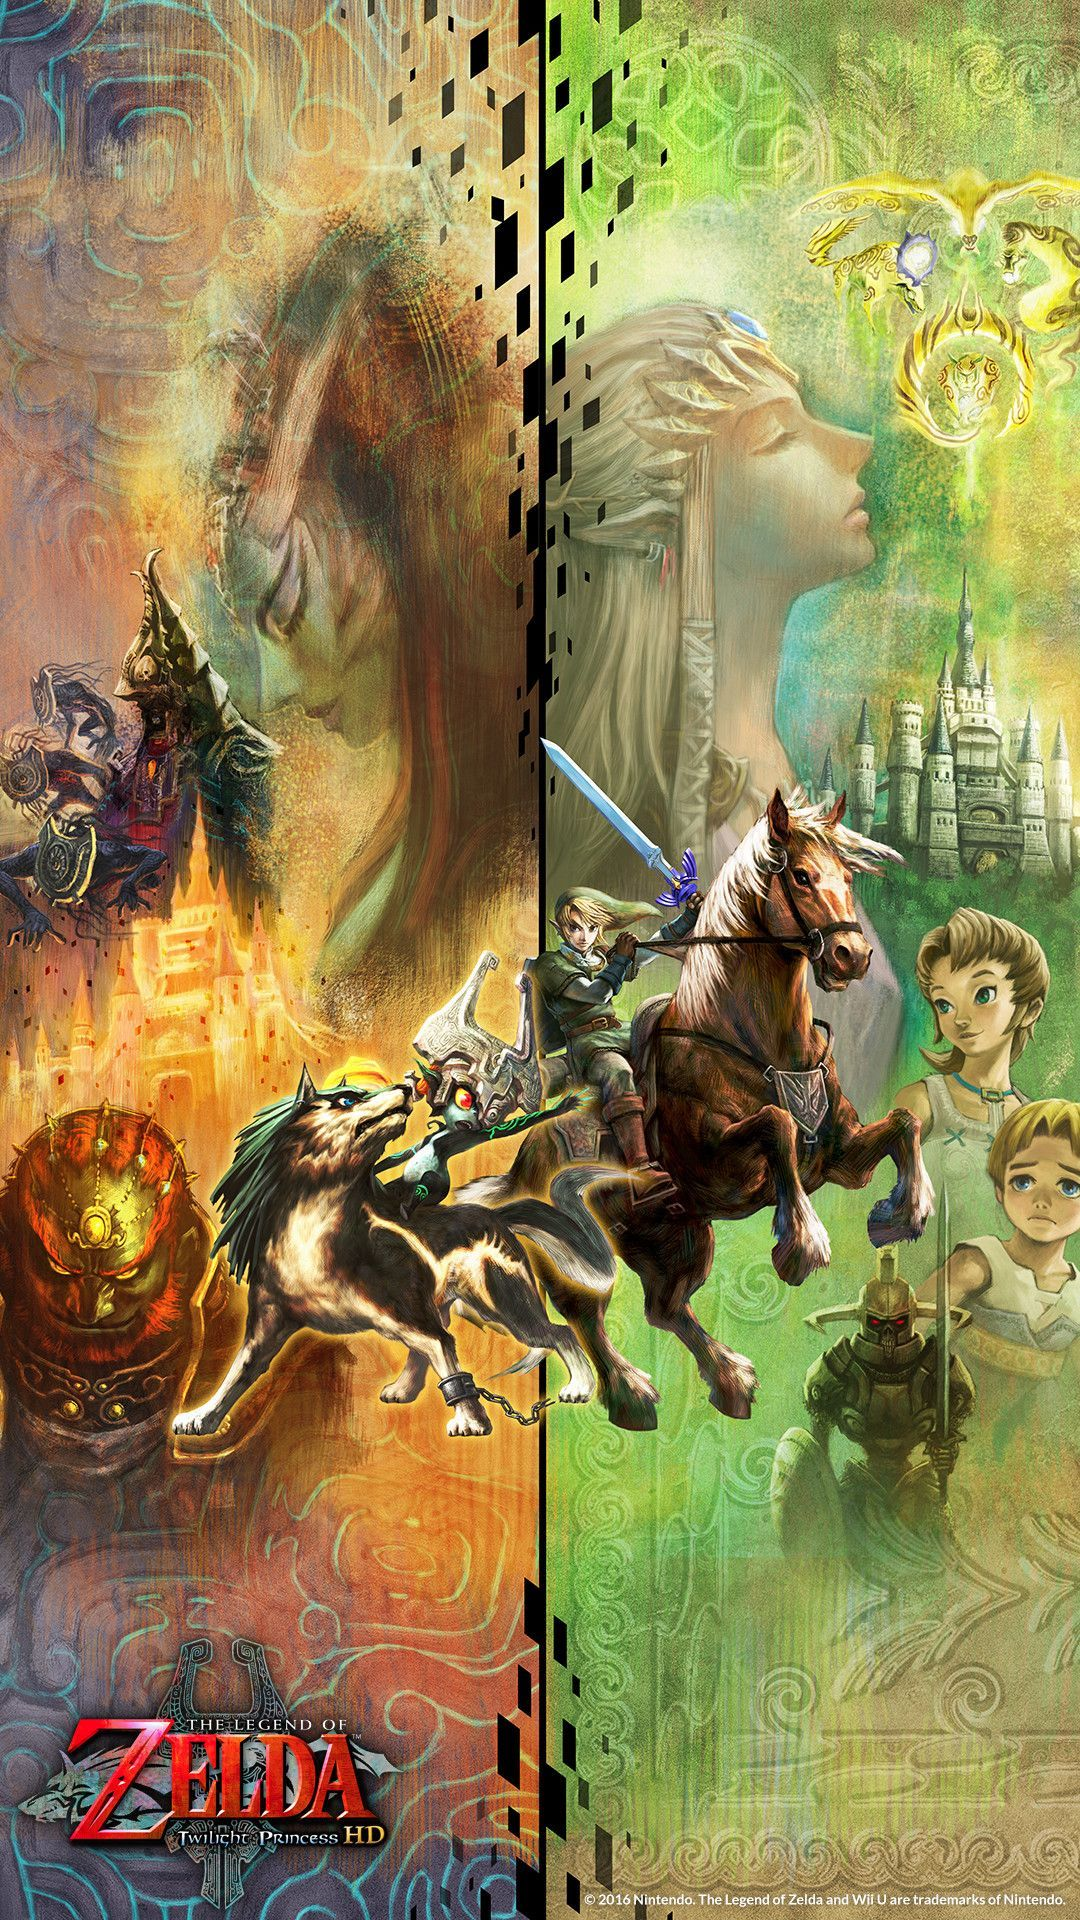 Legend Of Zelda Wallpaper Iphone In 2020 Zelda Art Legend Of Zelda Zelda Tattoo